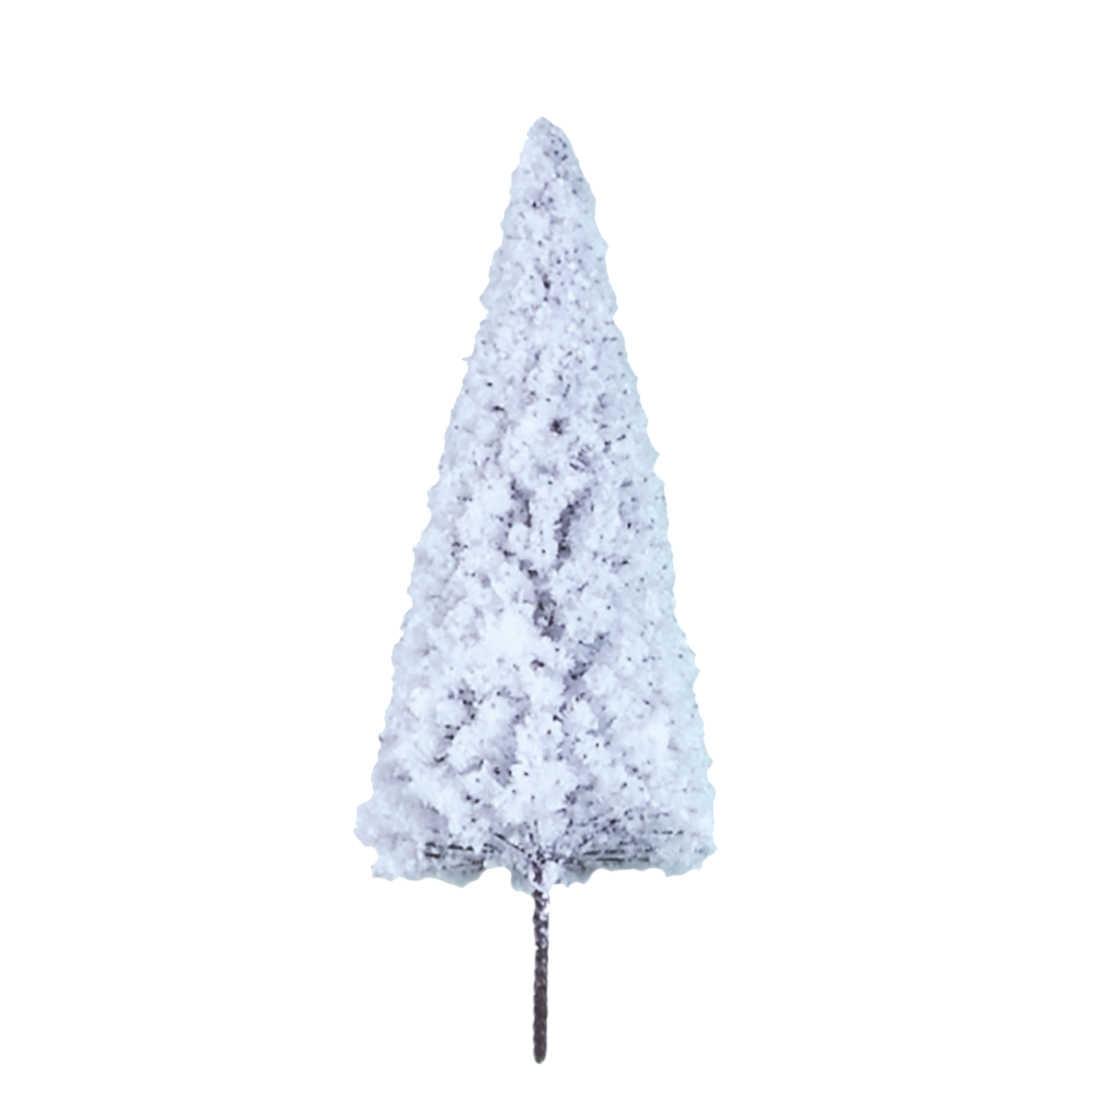 20 sztuk 6 cm/8 cm/10 cm HO 1: 85 skala plastikowe zimowe dekoracje cedrowe drzewo pociąg kolejowy architektura piaskownica stołowa model drzewa